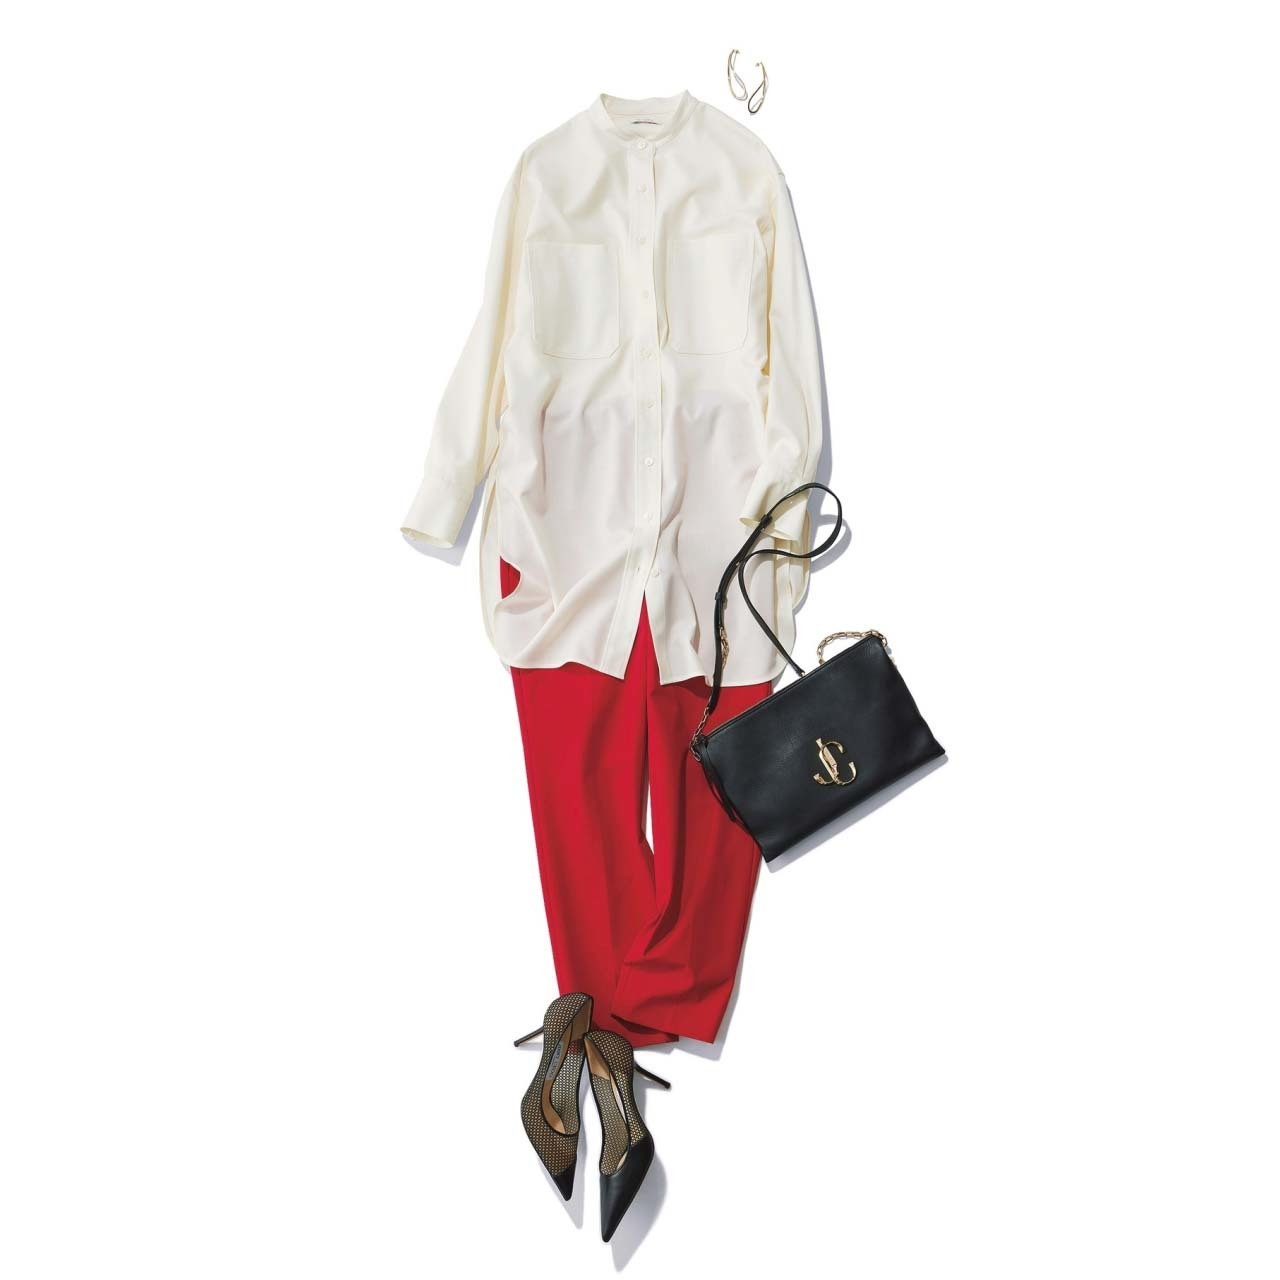 赤のパンツ×バンドカラーのシャツコーデ